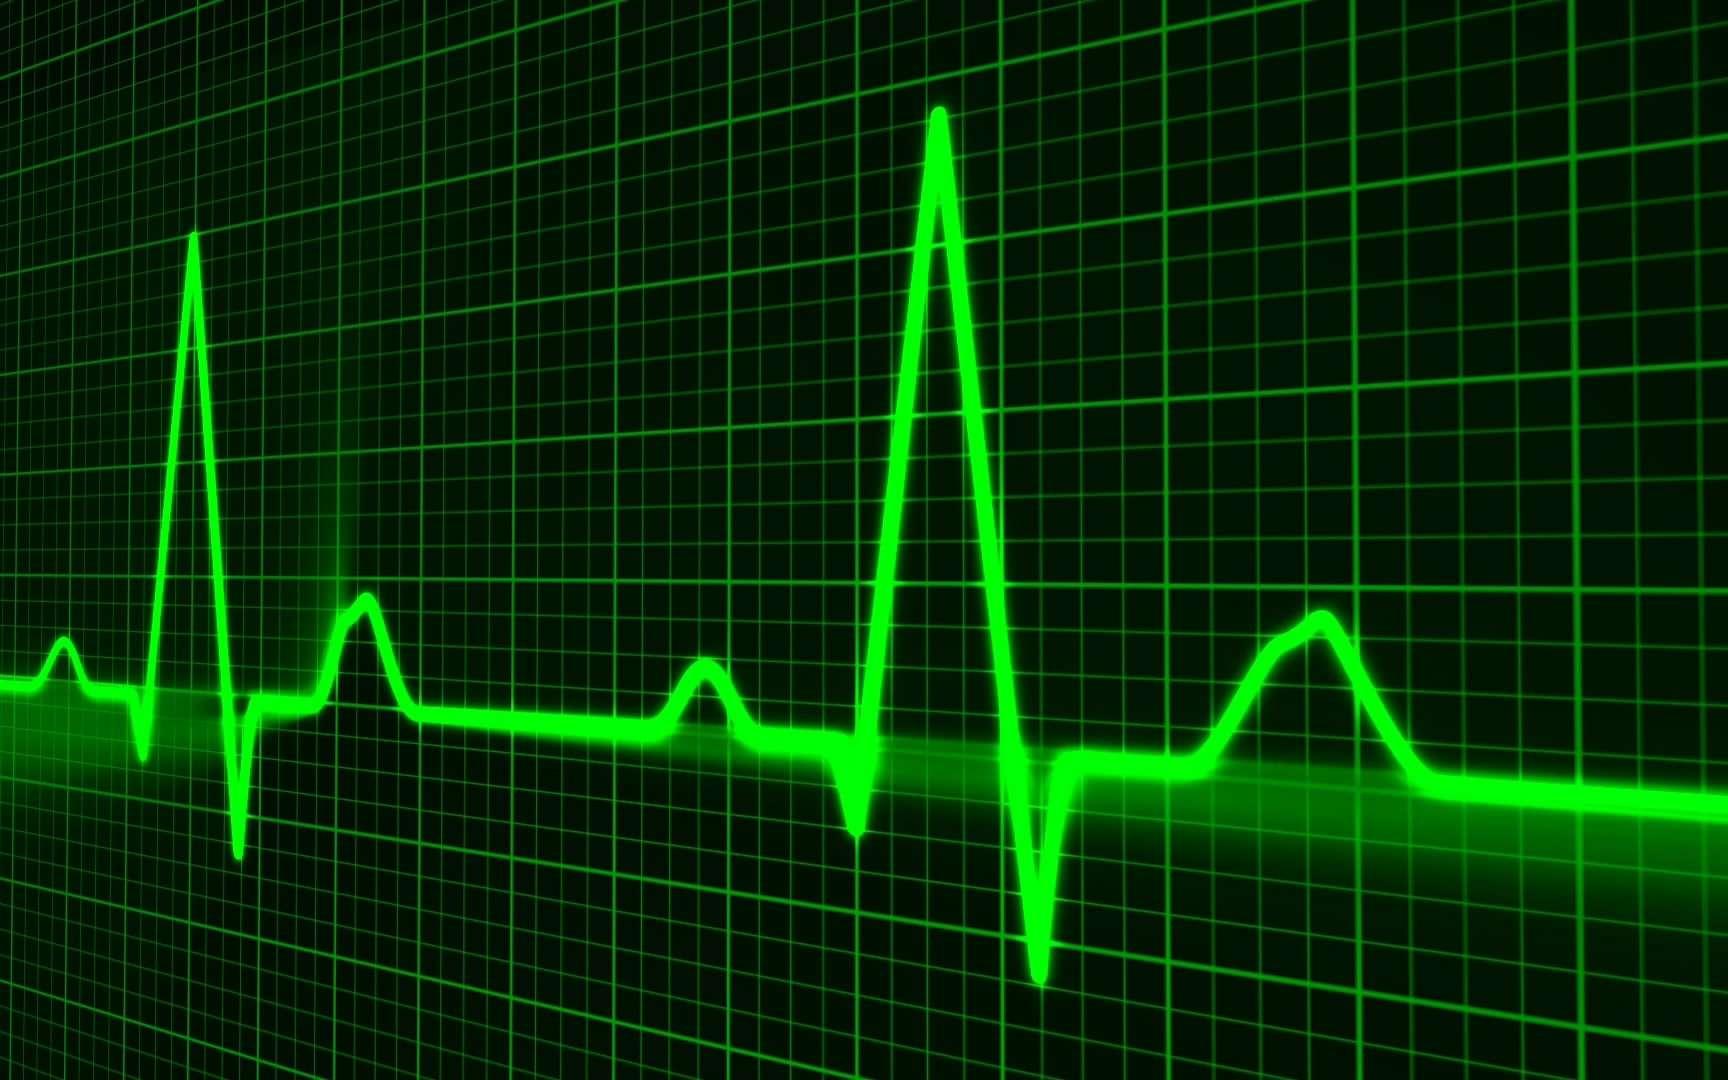 Une étude démontre que la fréquence cardiaque au repos des jeunes Britanniques est significativement plus élevée aujourd'hui qu'en 1980, particulièrement chez les garçons. Ce paramètre devrait être surveillé plus étroitement par les médecins généralistes, estiment les auteurs. © PublicDomainPictures, pixabay.com, DP